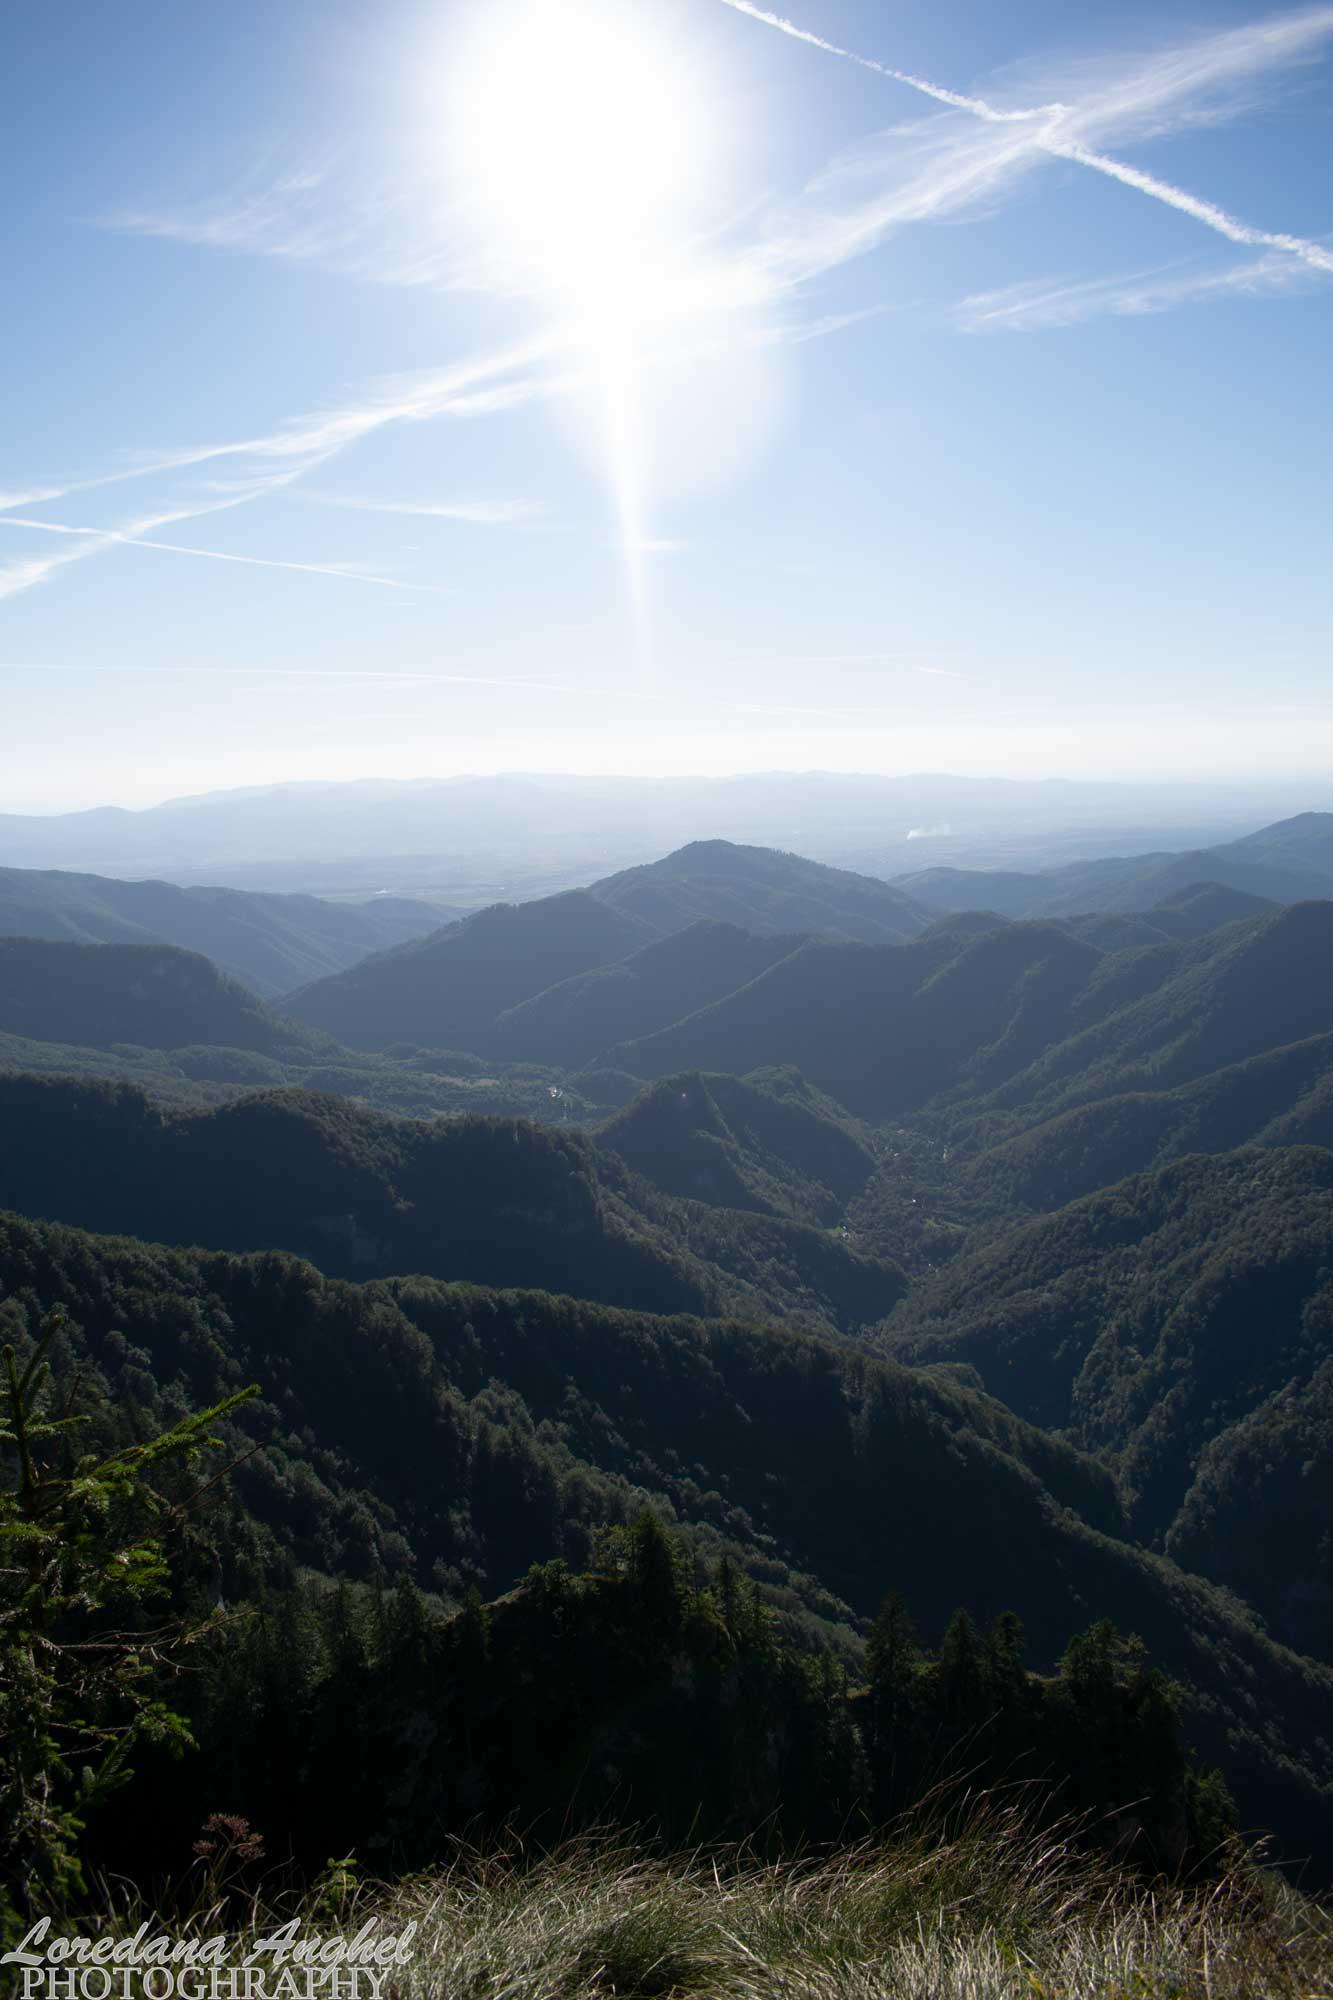 Munții Apuseni - o doză de energie